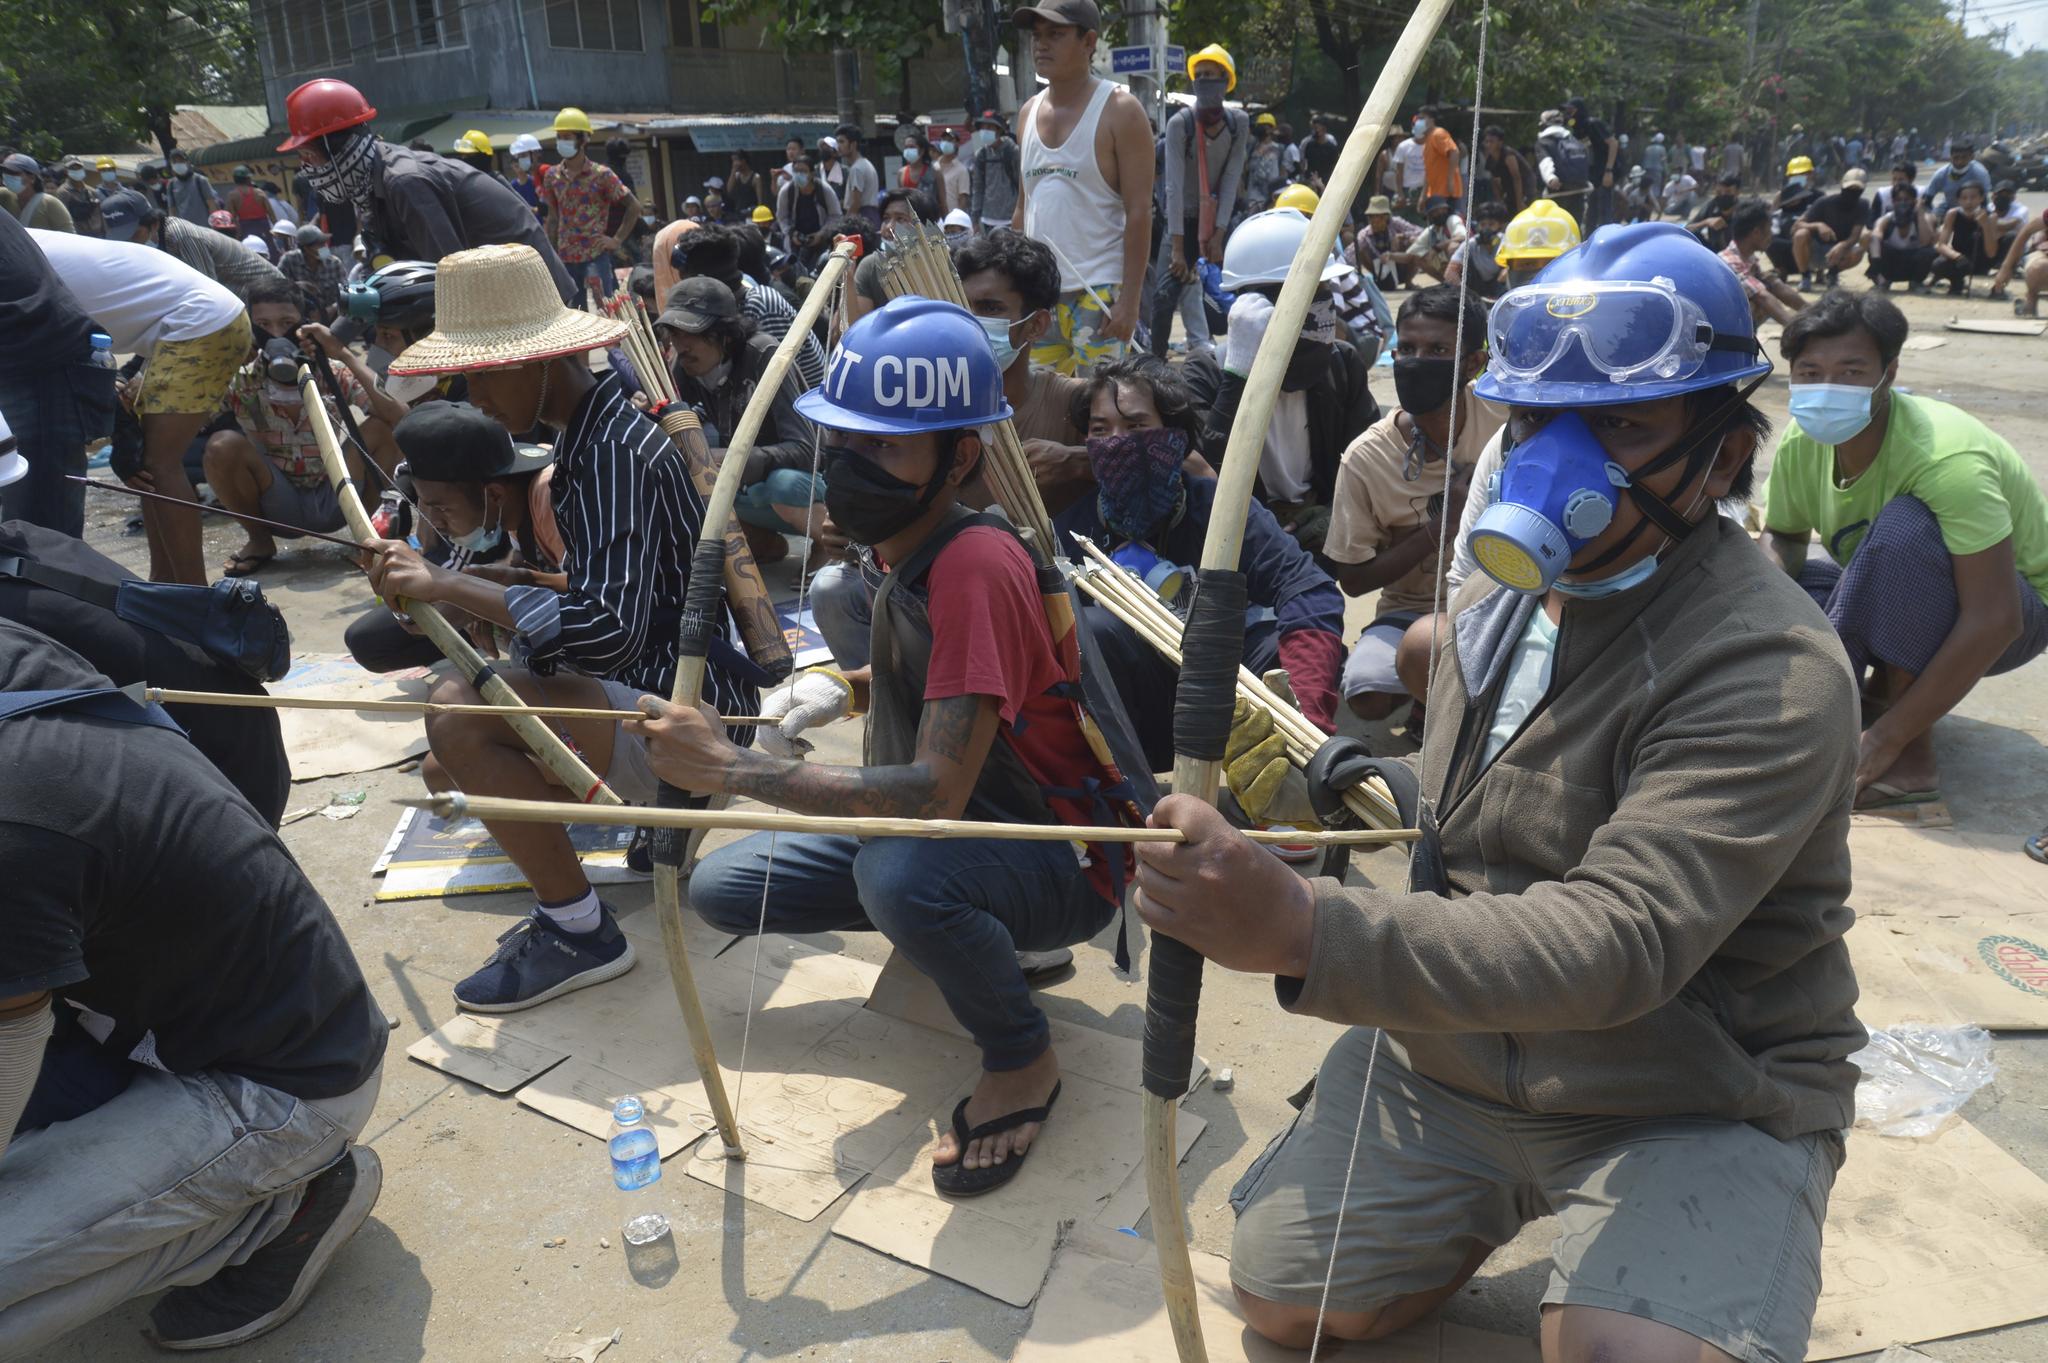 미먄마의 반 군사 쿠데타 시위대가 27일 양곤에서 사제 활과 화살로 군경과 맞서고 있다. AP=연합뉴스